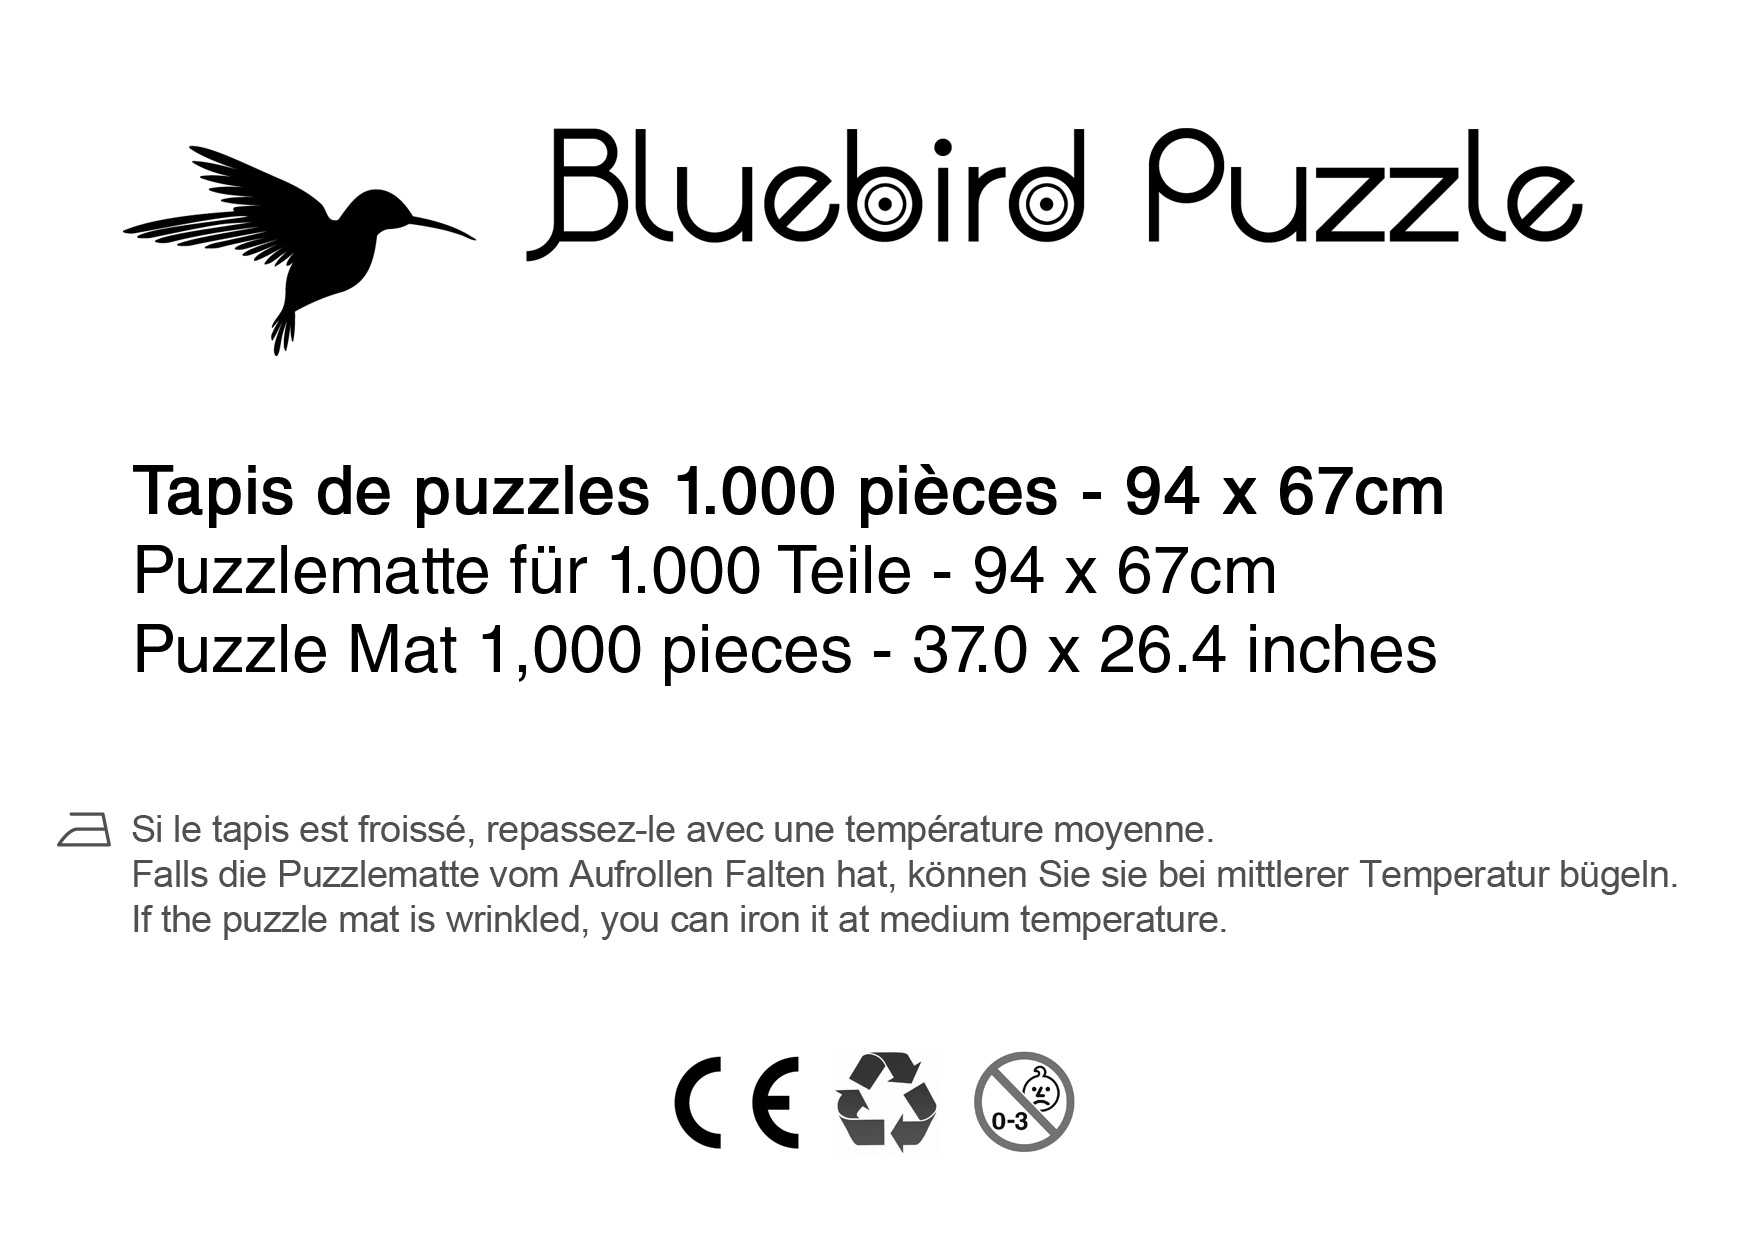 http://data.my-puzzle.fr/bluebird-puzzle.160/bluebird-puzzle-tapis-de-puzzles-1000-pieces.72218-2.fs.jpg